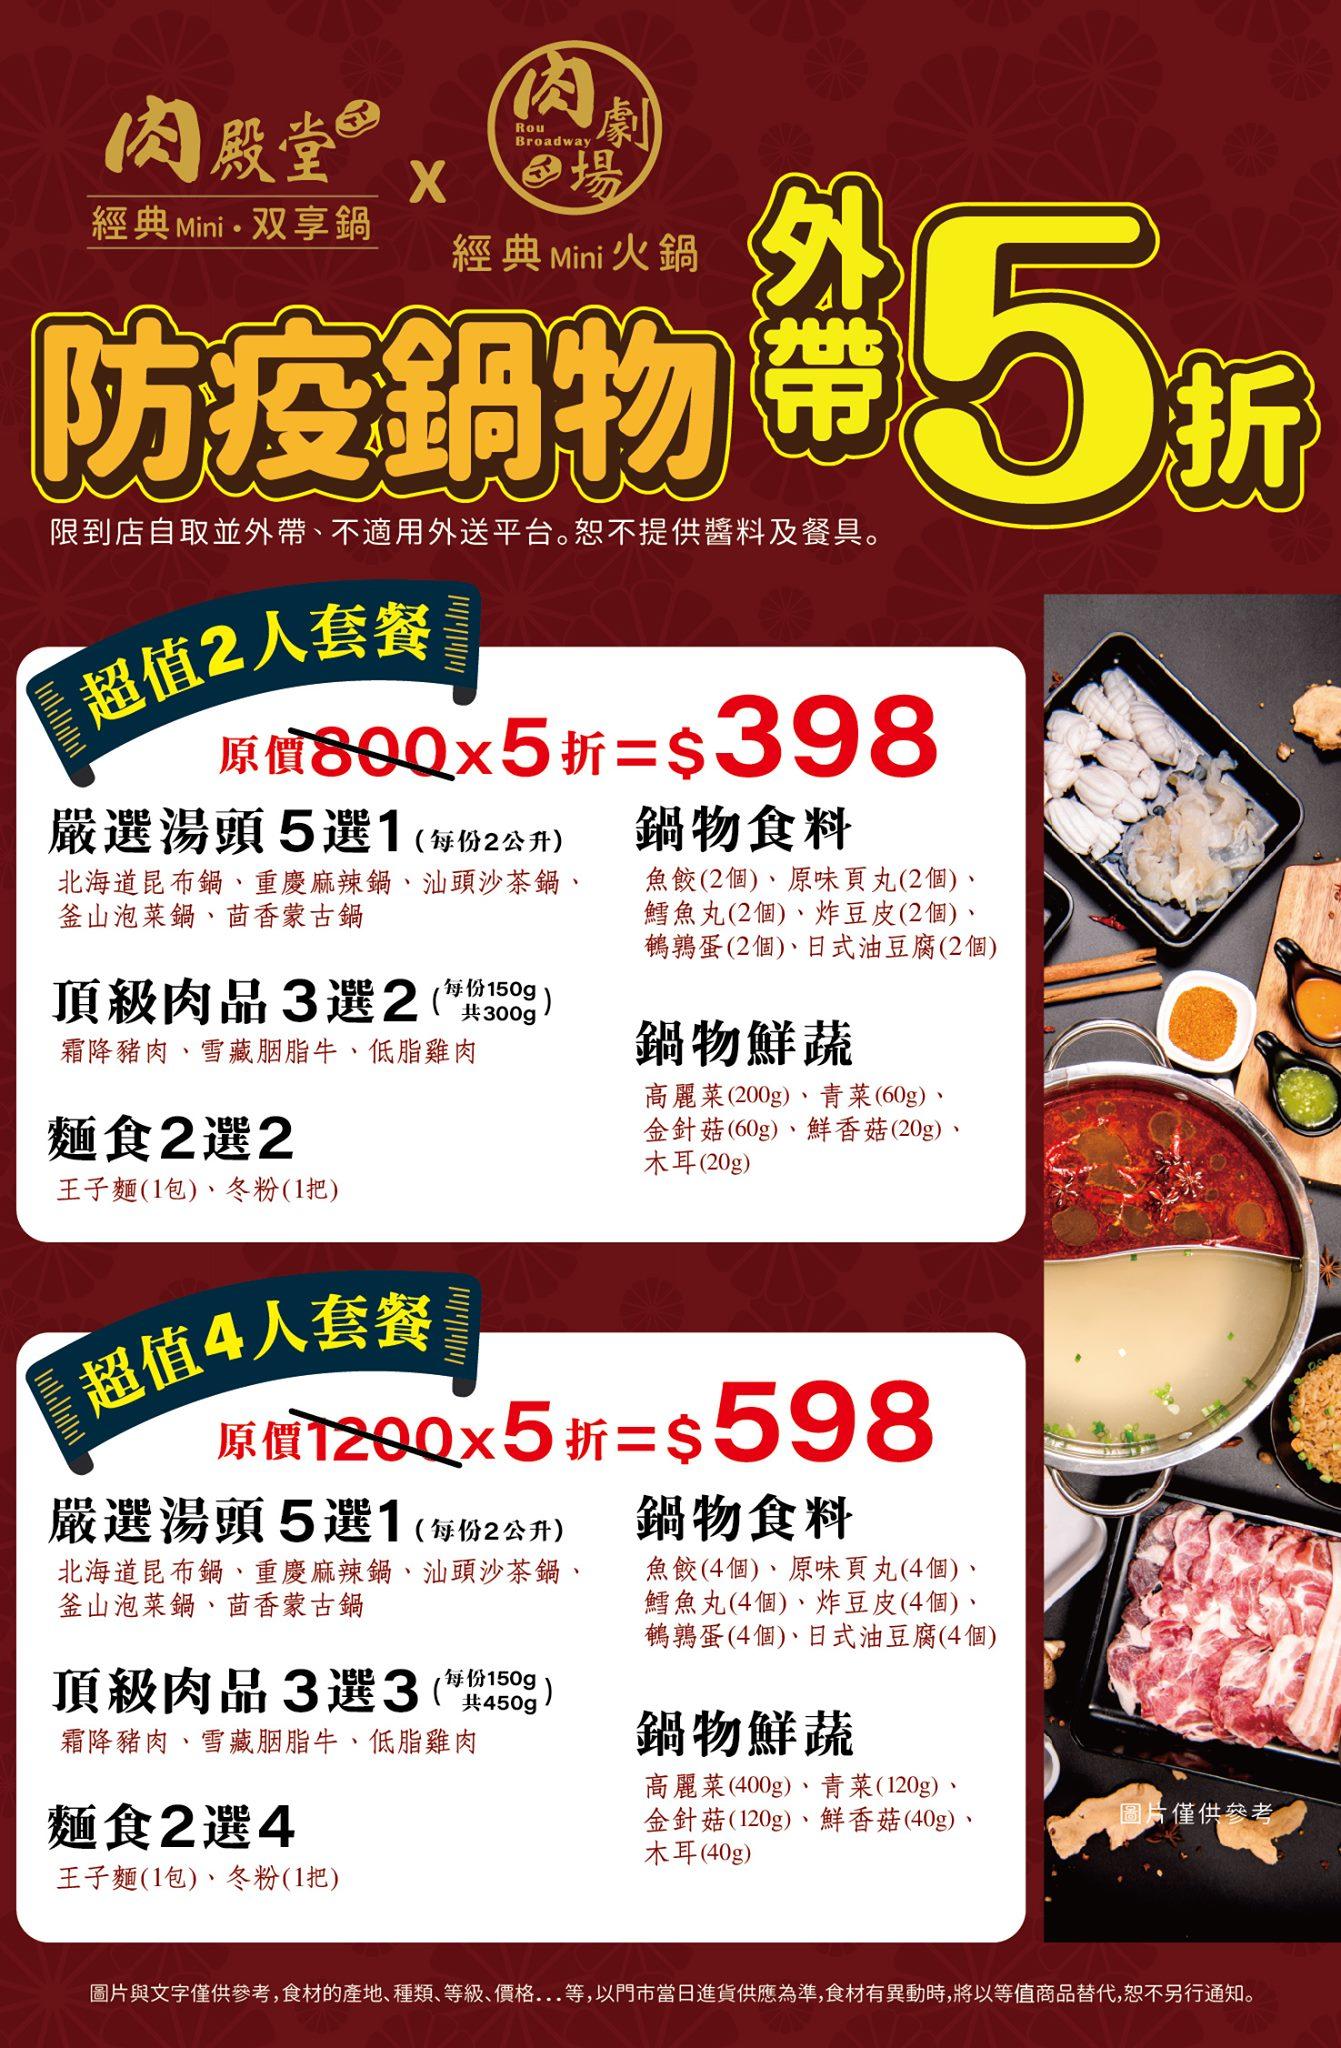 台北外帶美食 優惠餐廳總整理 防疫期間外帶優惠總整理! 連鎖品牌外帶優惠懶人包 74